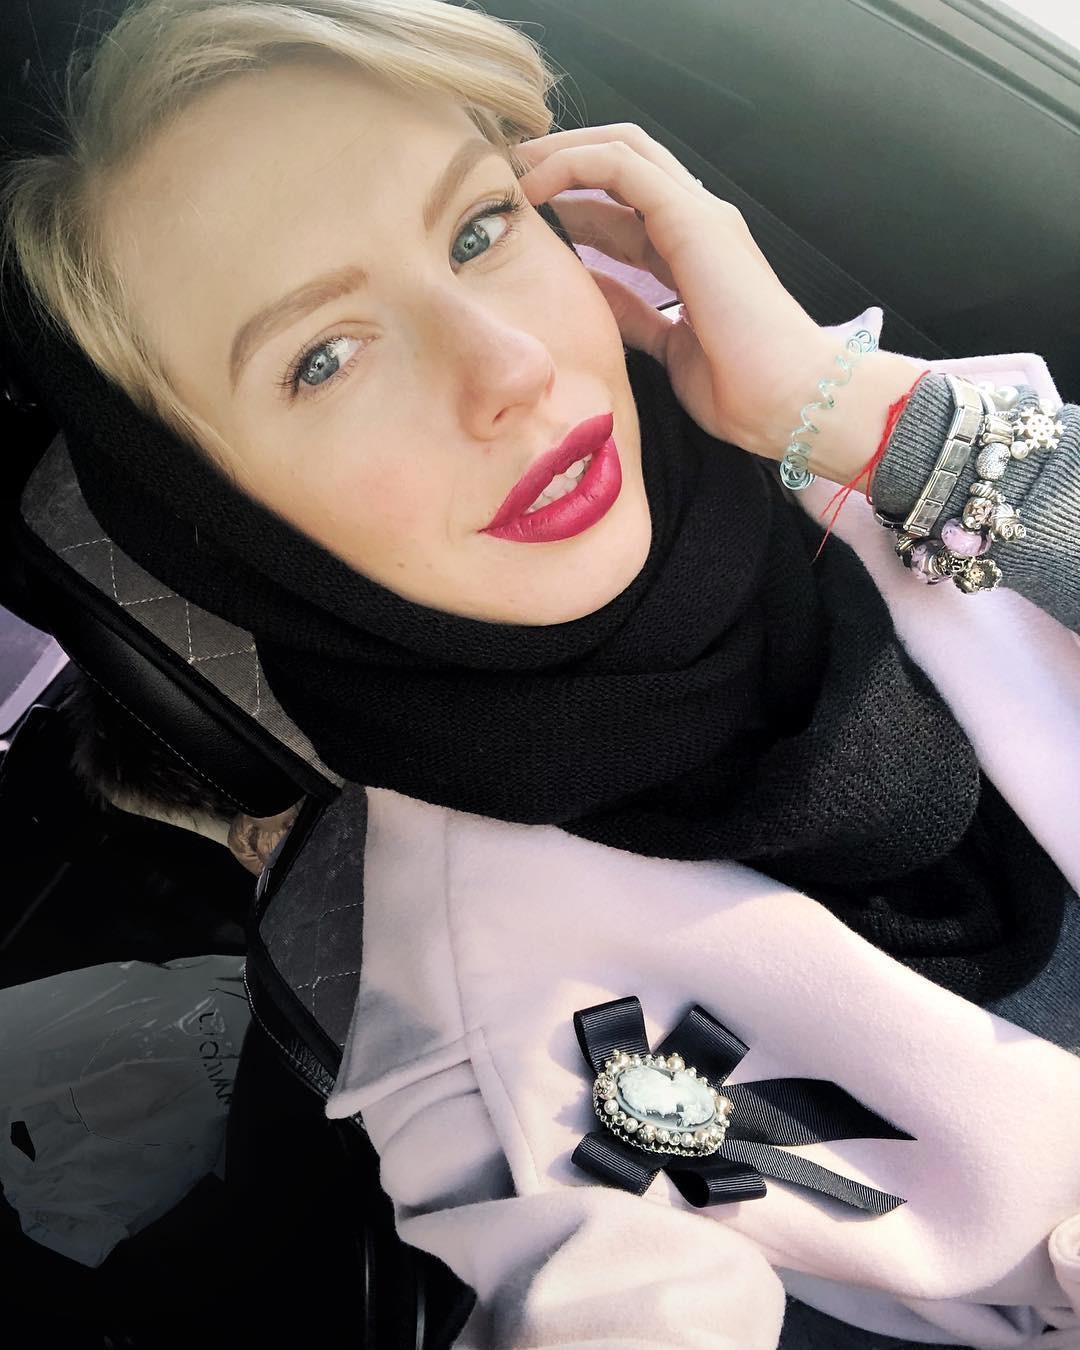 Фото © Instagram/Christina Tuleeva / Бизнесвумен Кристина занимается продажей рукодельных брошек